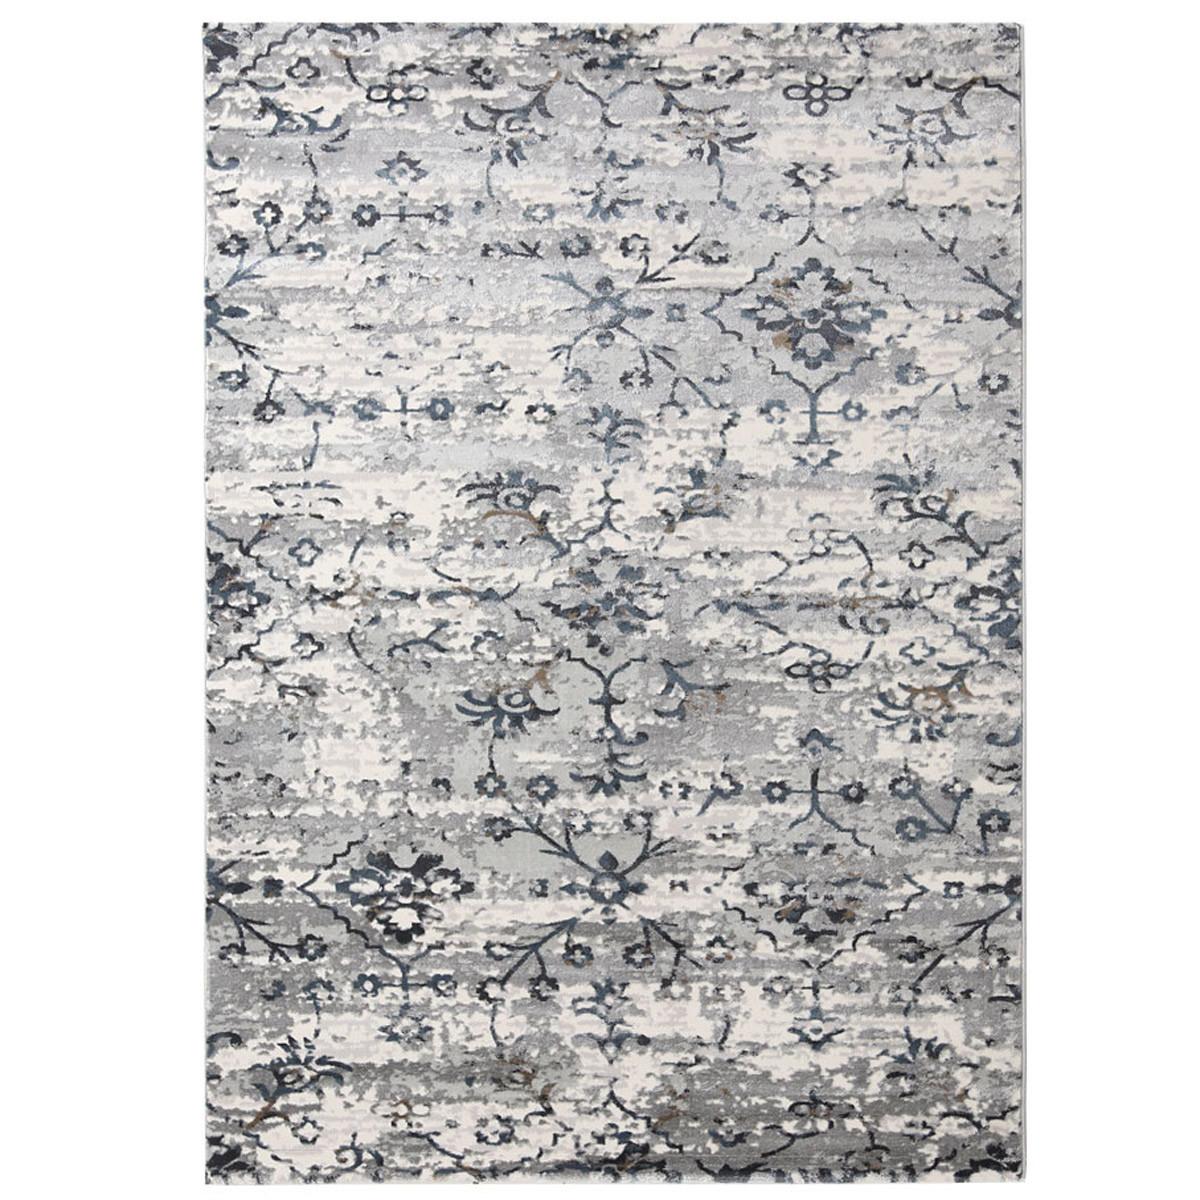 Χαλιά Κρεβατοκάμαρας (Σετ 3τμχ) Royal Carpets Elegance 5413 Grey